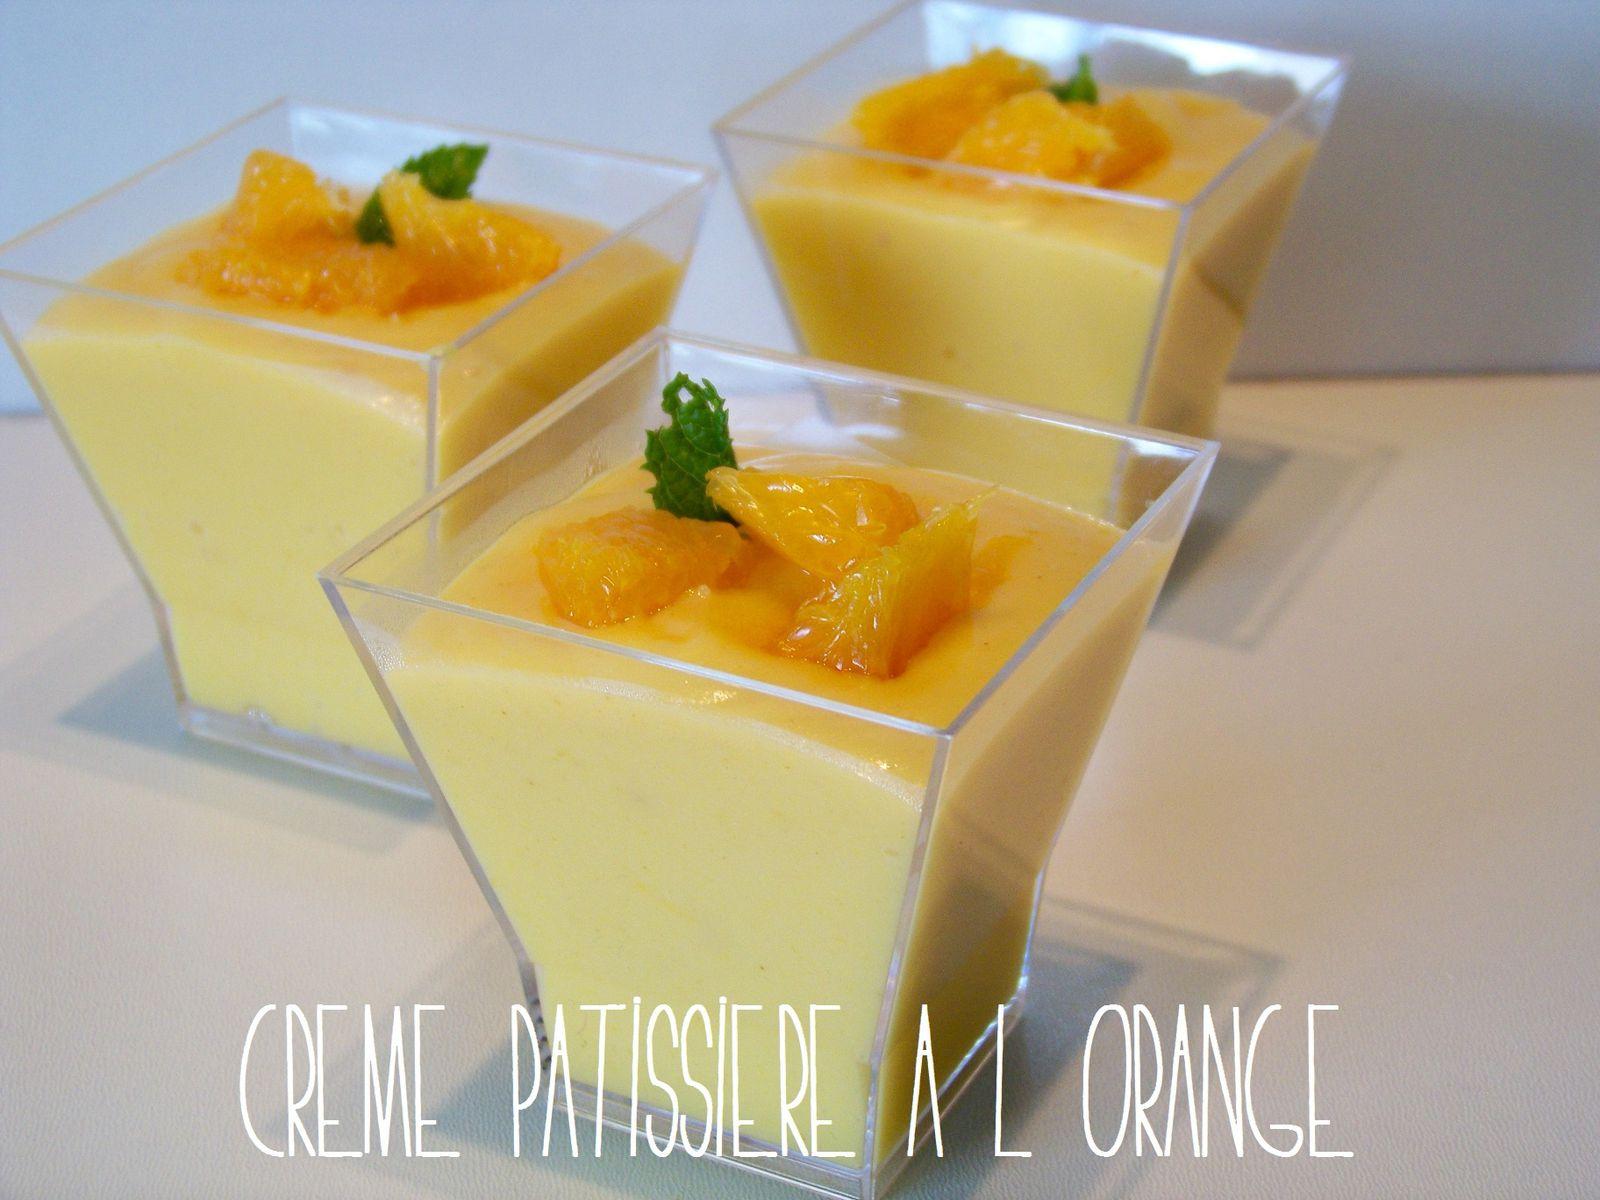 Crème pâtissière à l'orange